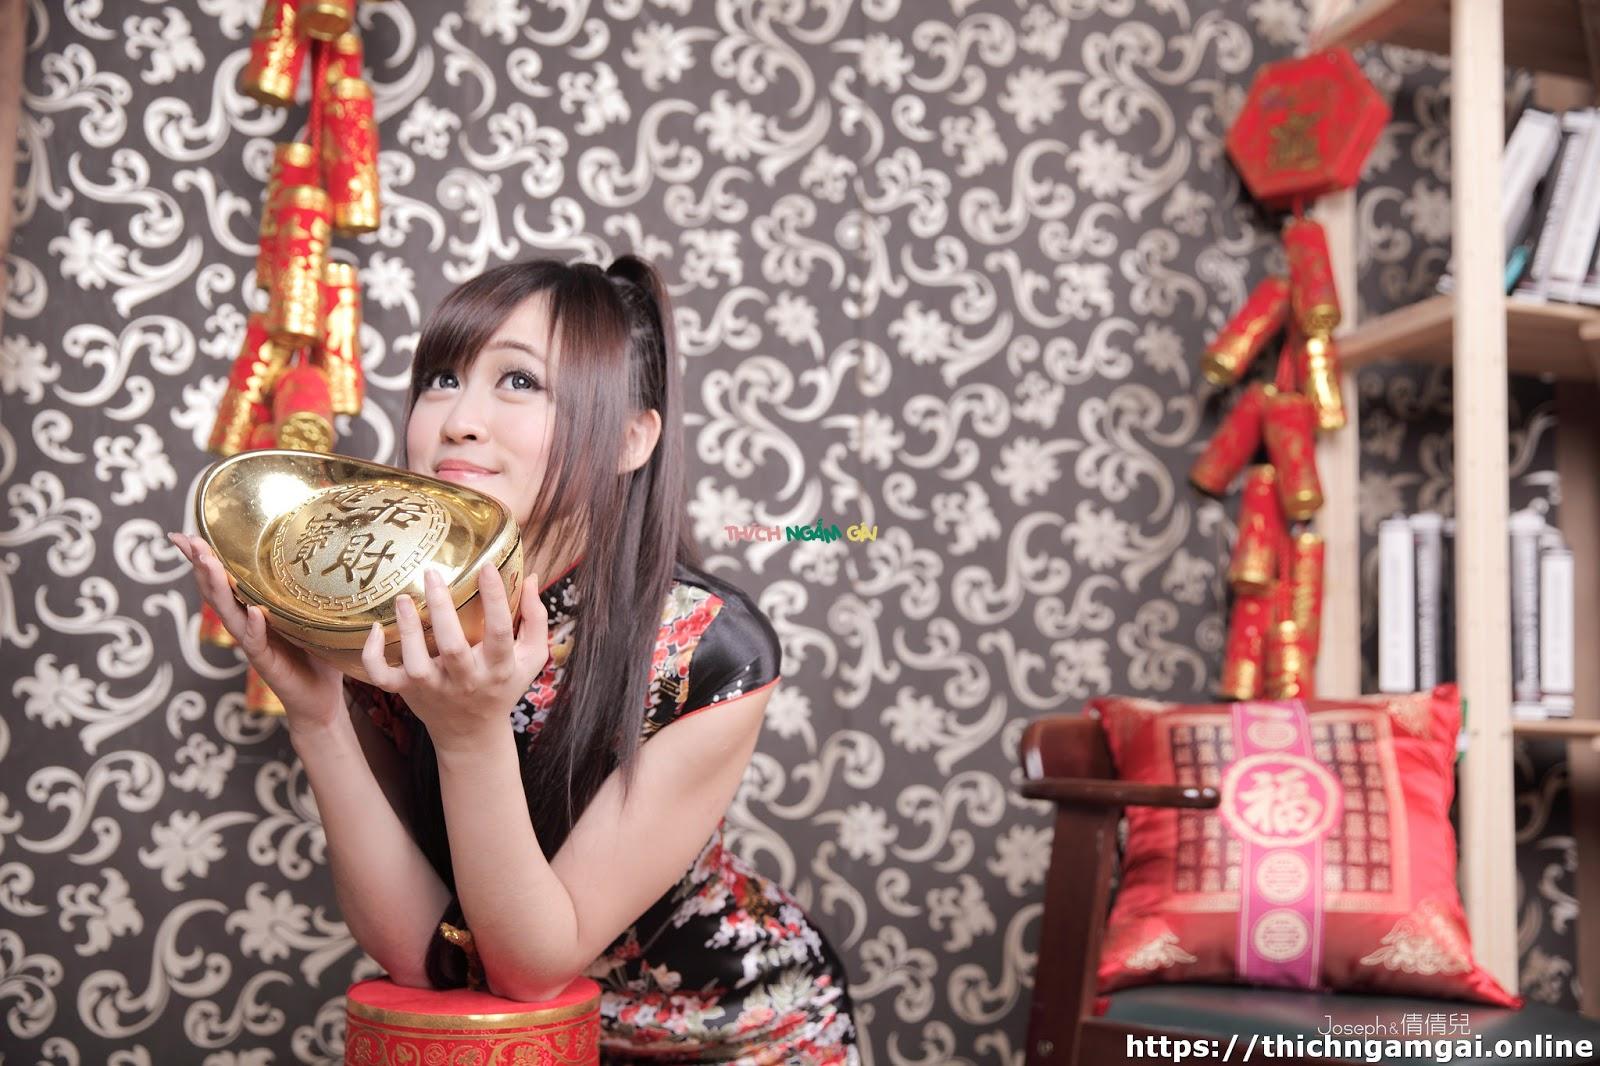 Thích Ngắm Gái 538.%2B_MG_0967%2B%2528Large%2B2048%2529 Tuyển Tập Girls Xinh Việt Nam (Phần 76)